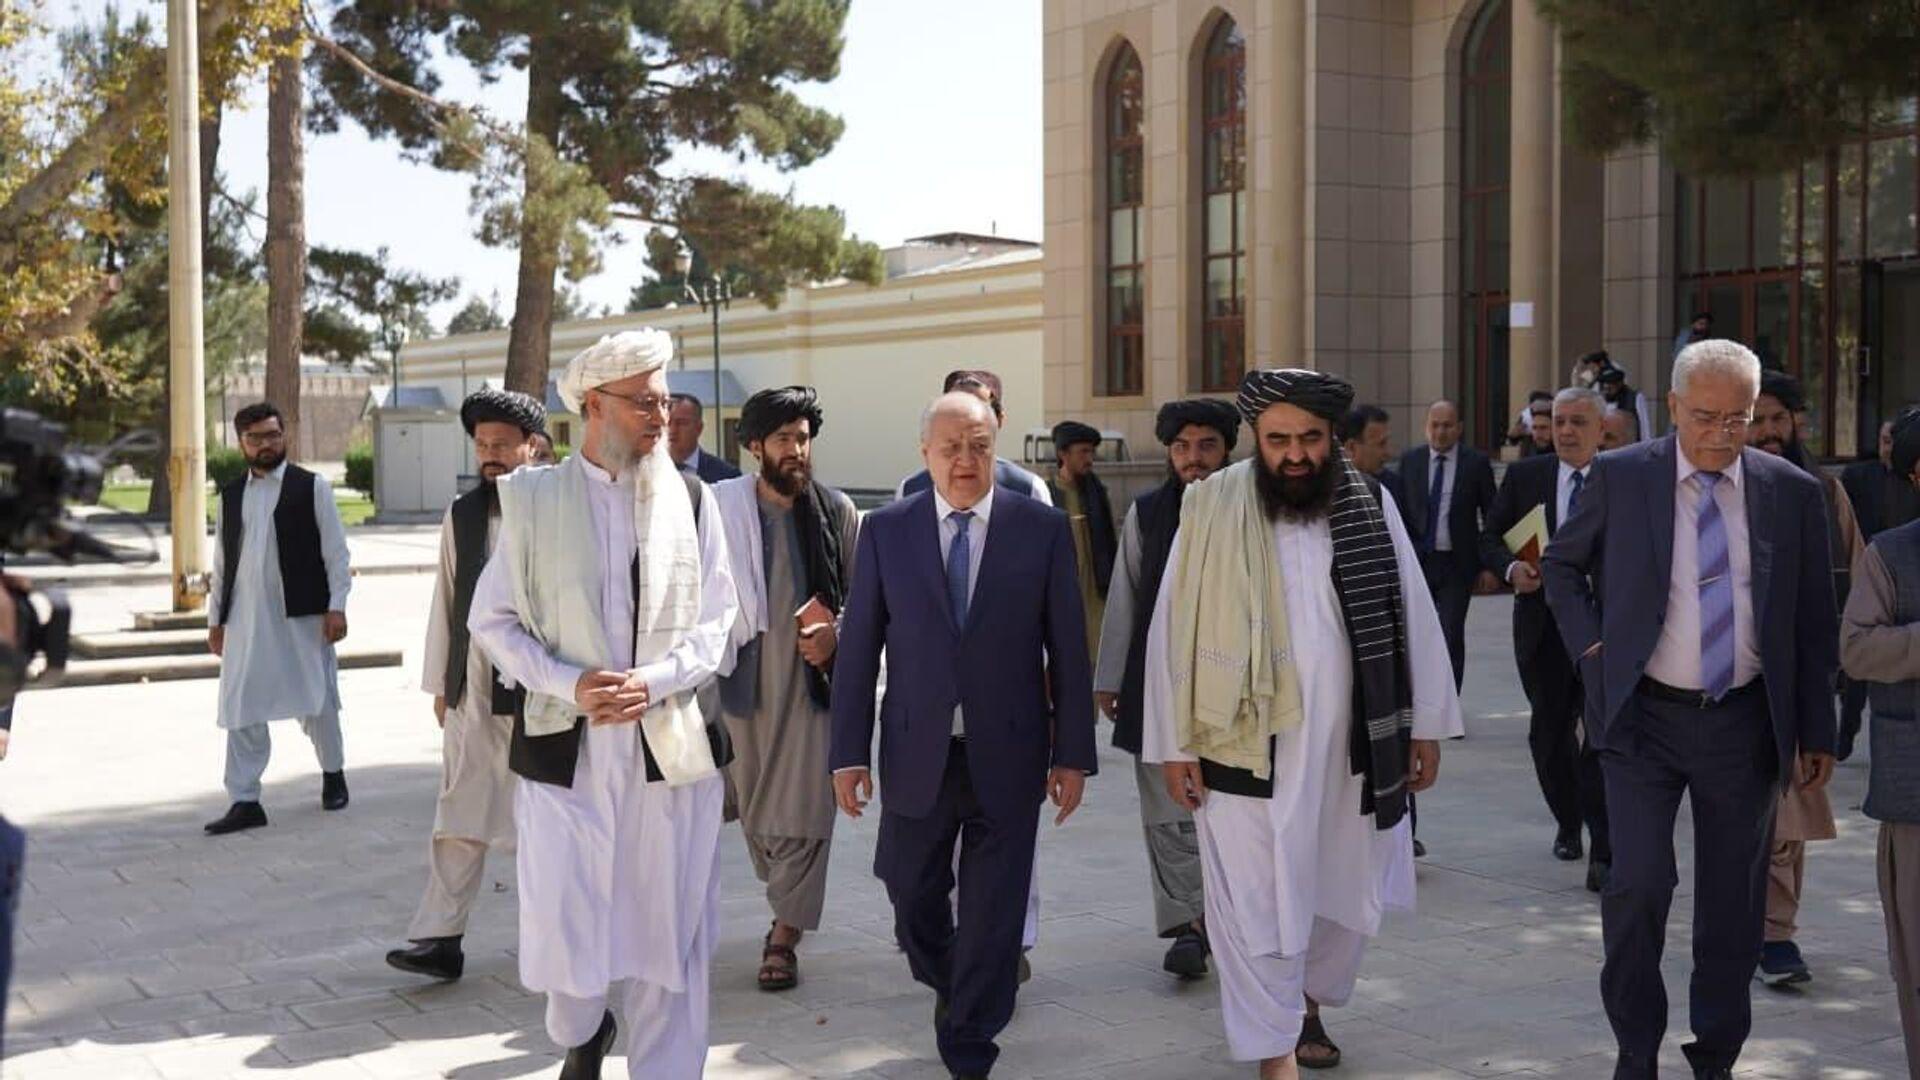 Министр иностранных дел Узбекистана Абдулализ Камилов посетил Кабул с рабочим визитом - Sputnik Ўзбекистон, 1920, 08.10.2021